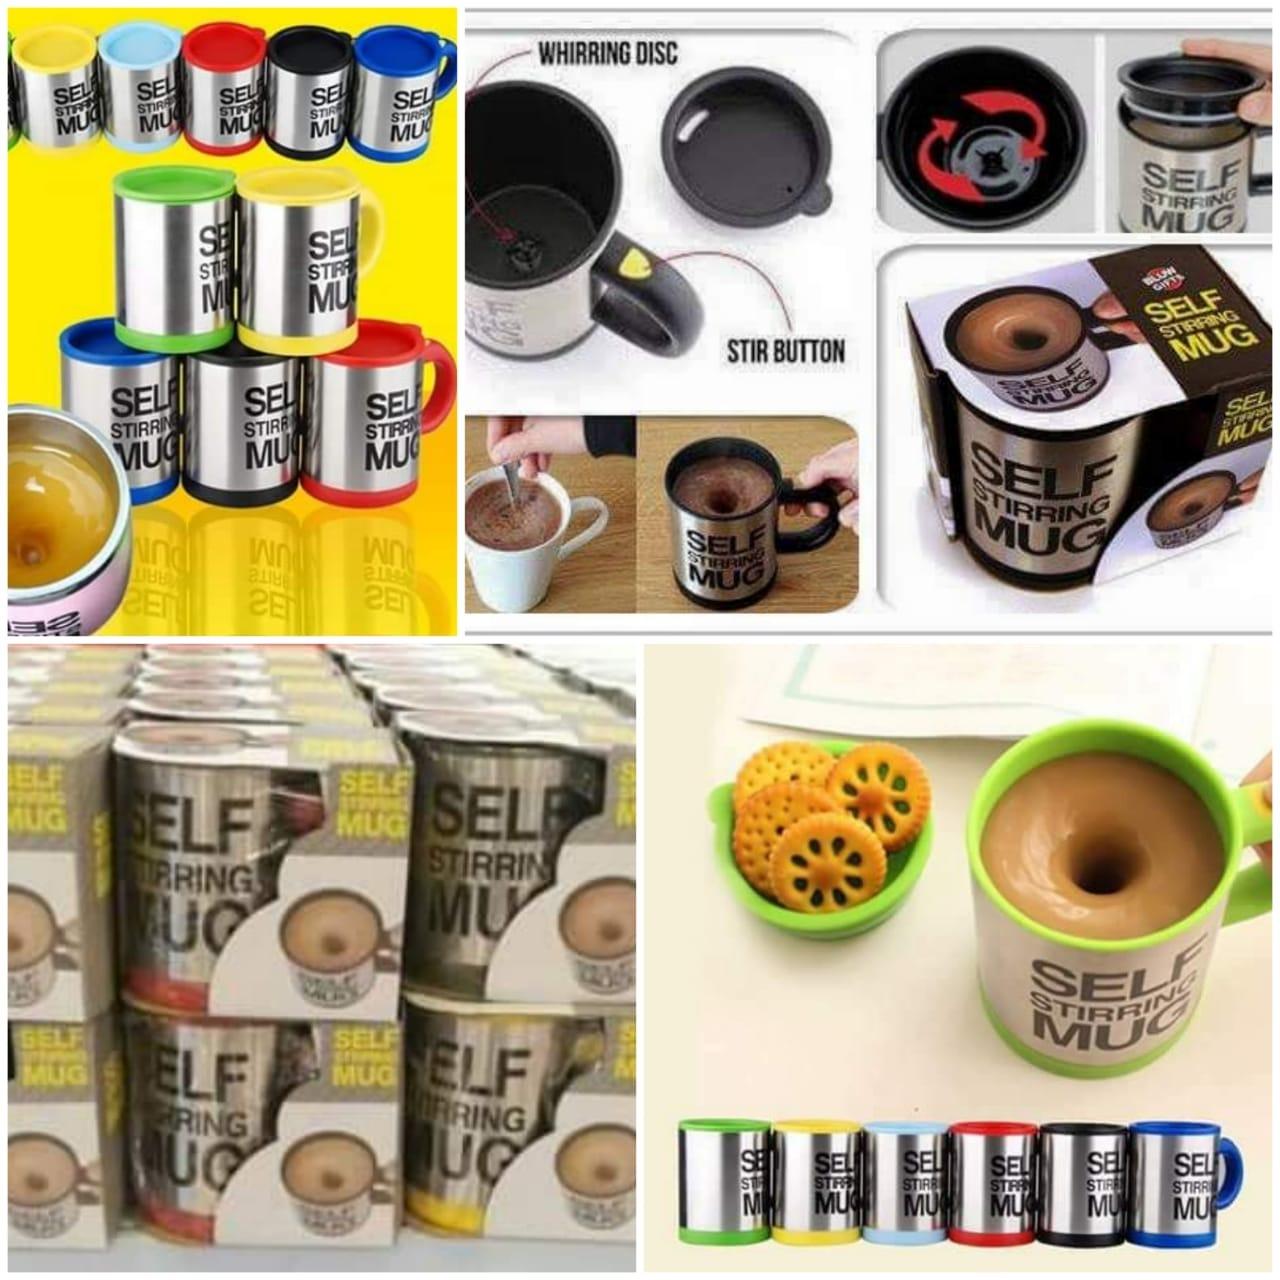 Self Stirring Mug - 400ML | Keto